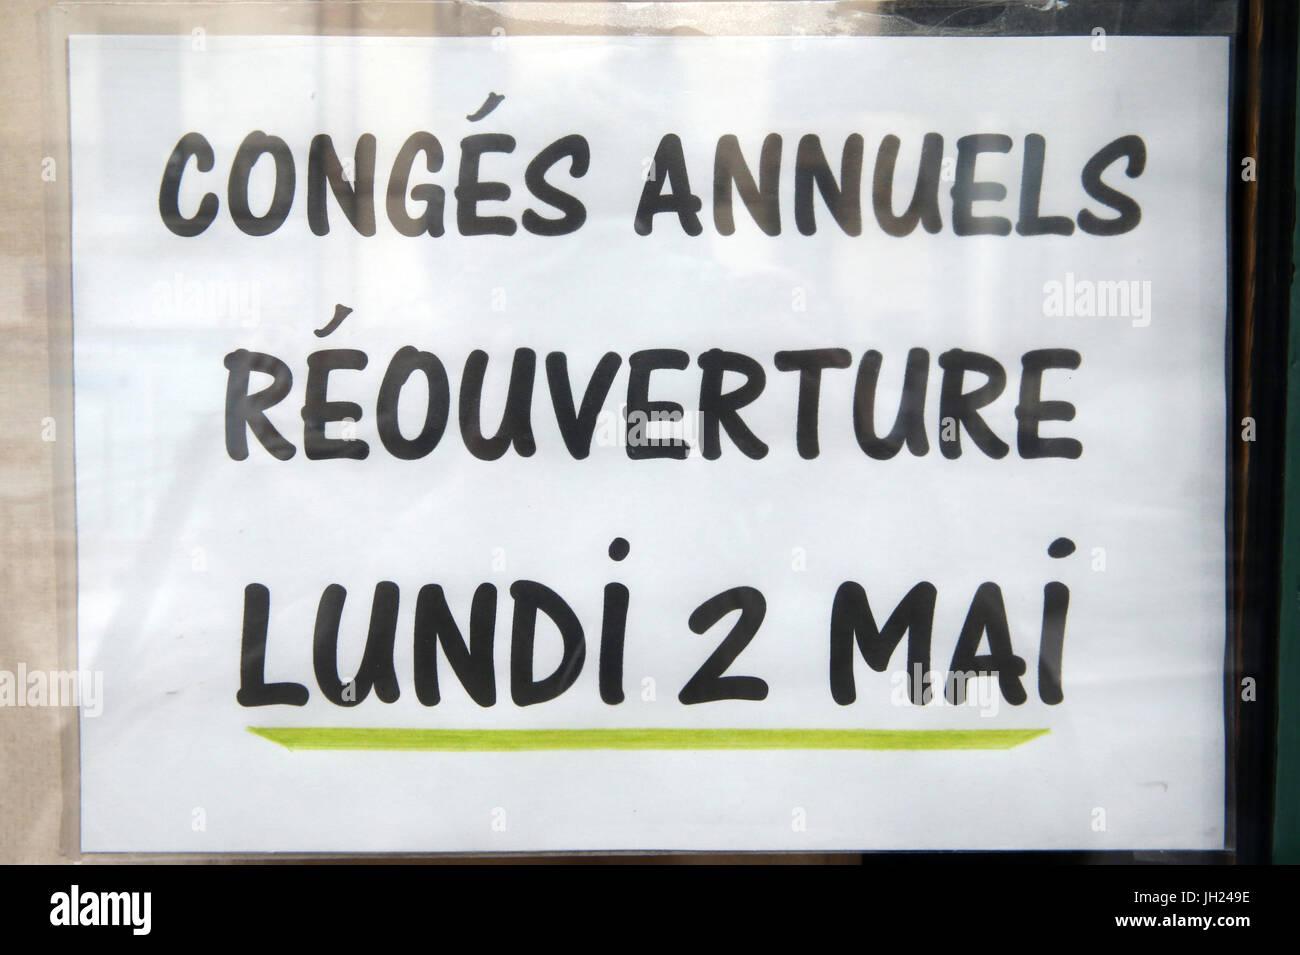 Fermeture pour cong?s Annuels. Frankreich. Stockbild